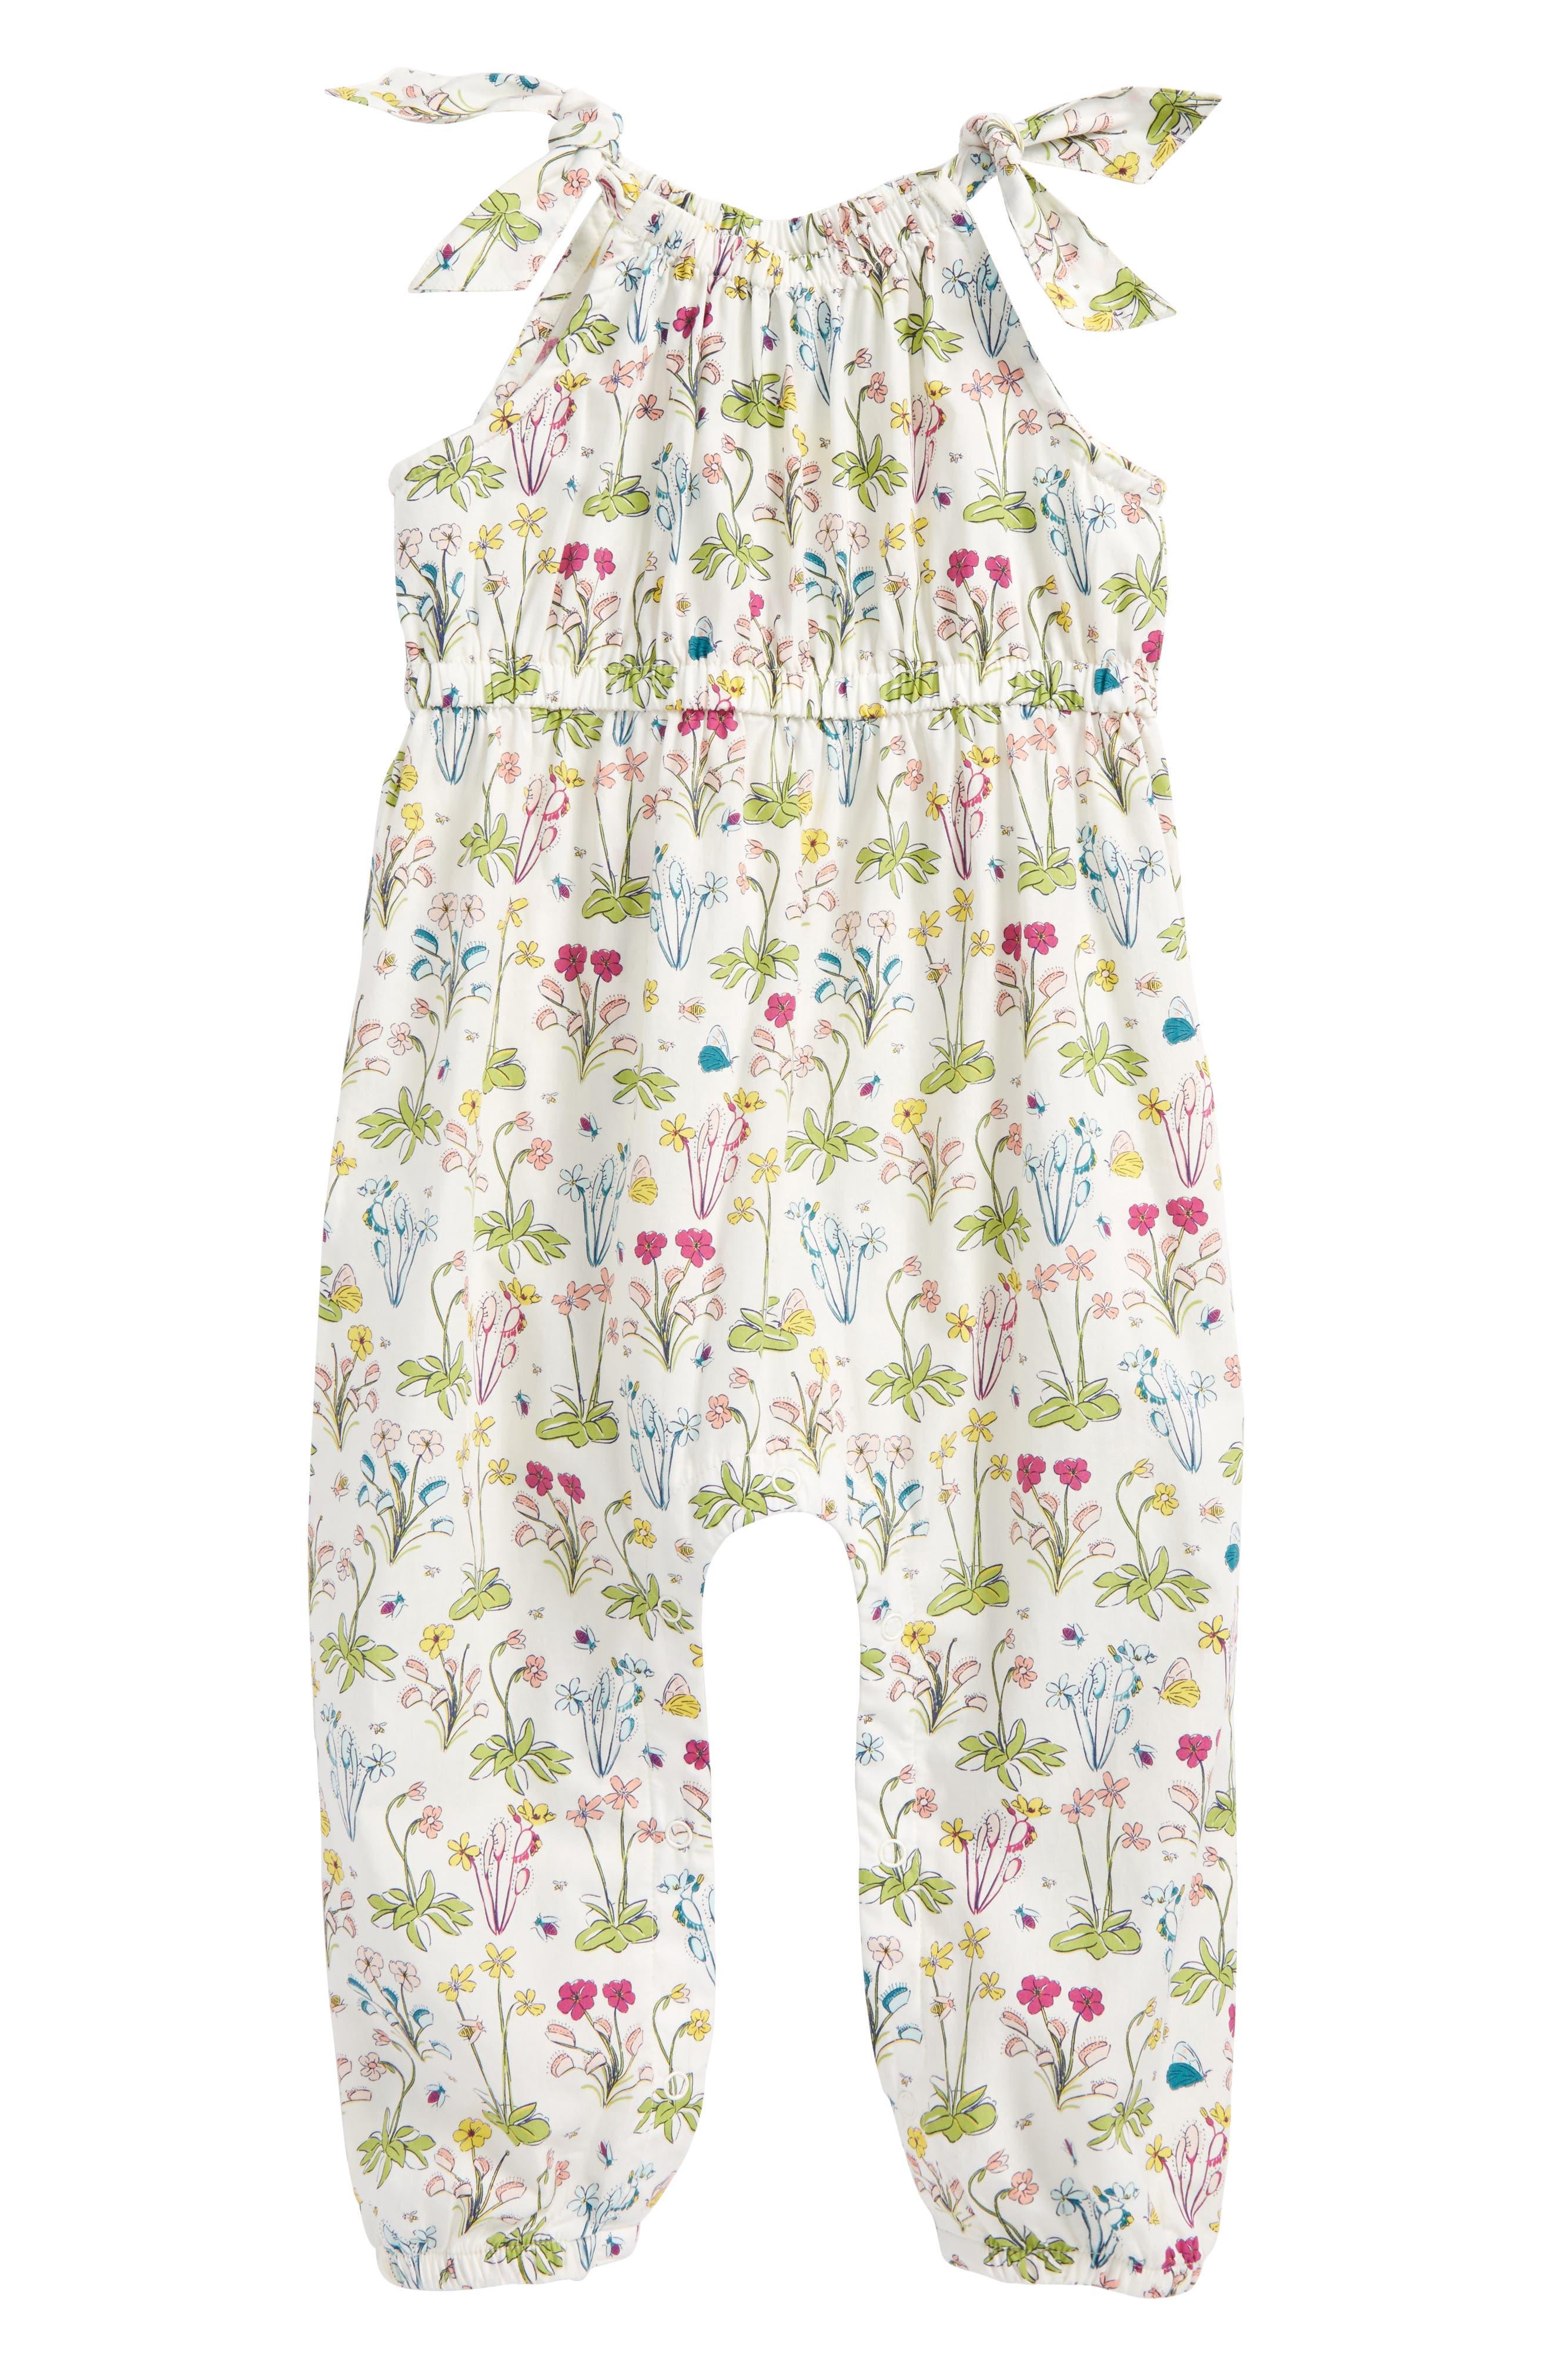 Main Image - Tea Collection Shoulder Tie Romper (Baby Girls)